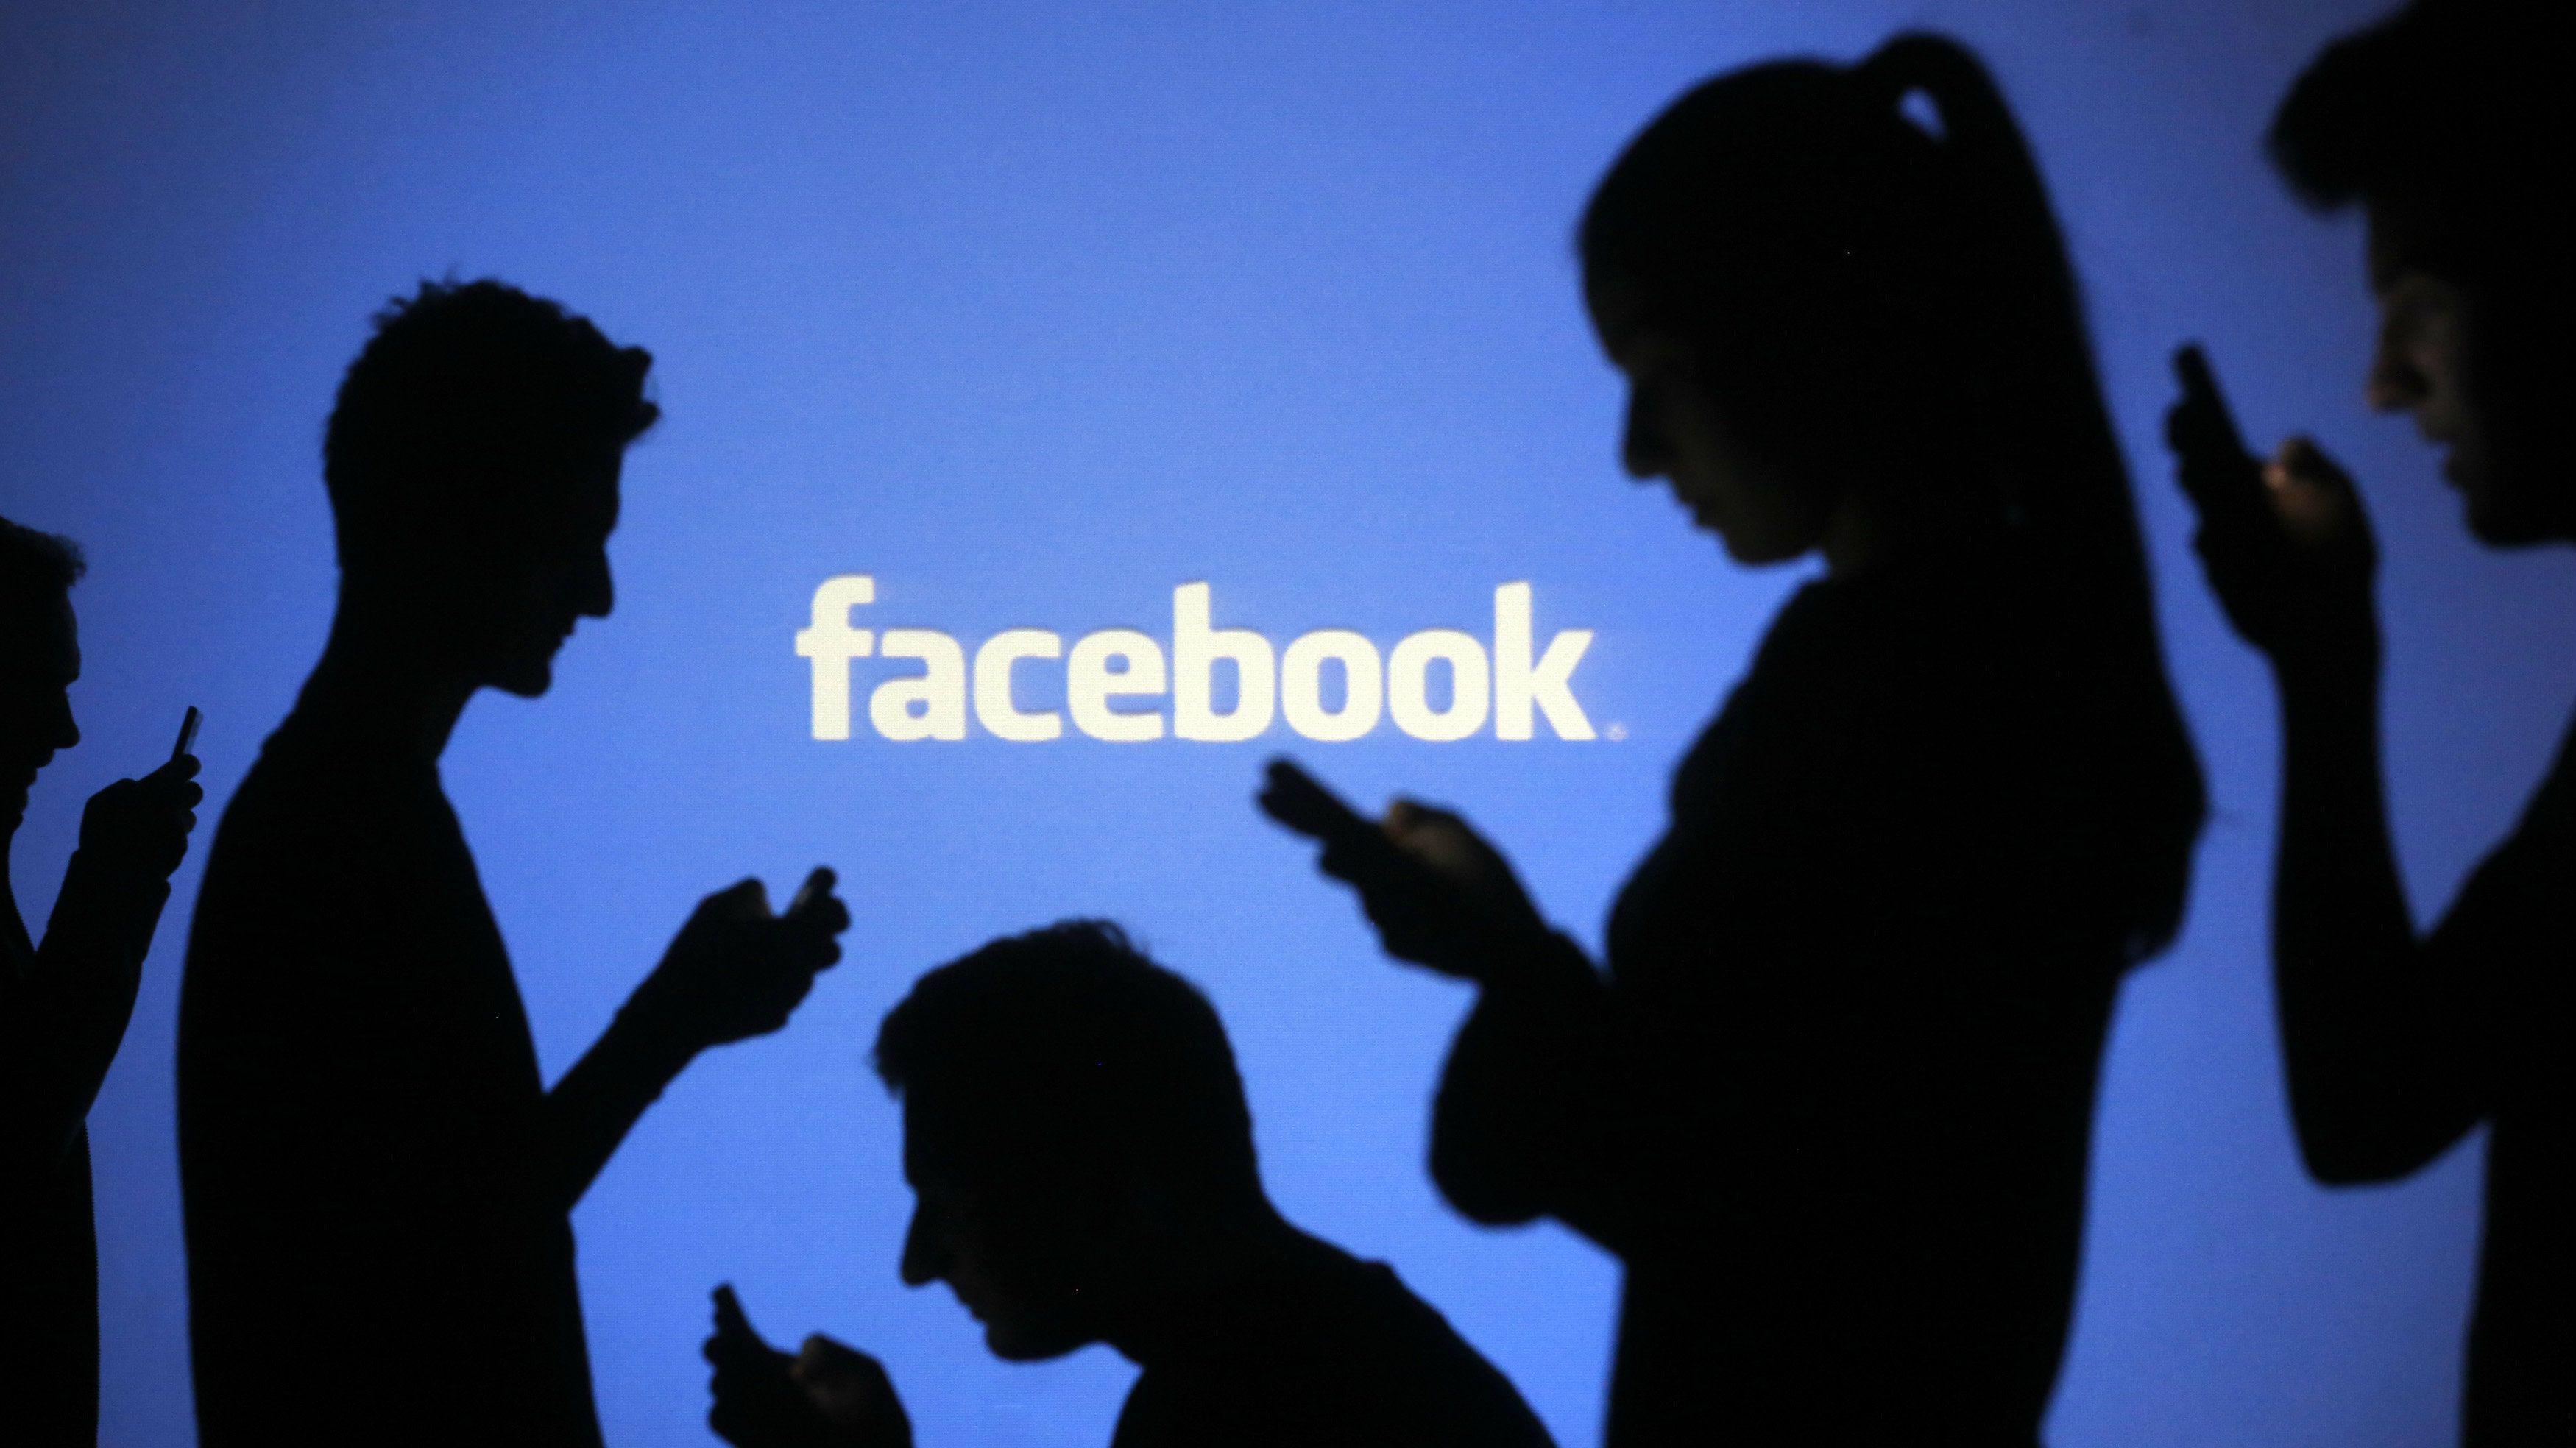 Хорошая попытка! Facebook предложила пользователям присылать голые фотографии для обучения ИИ